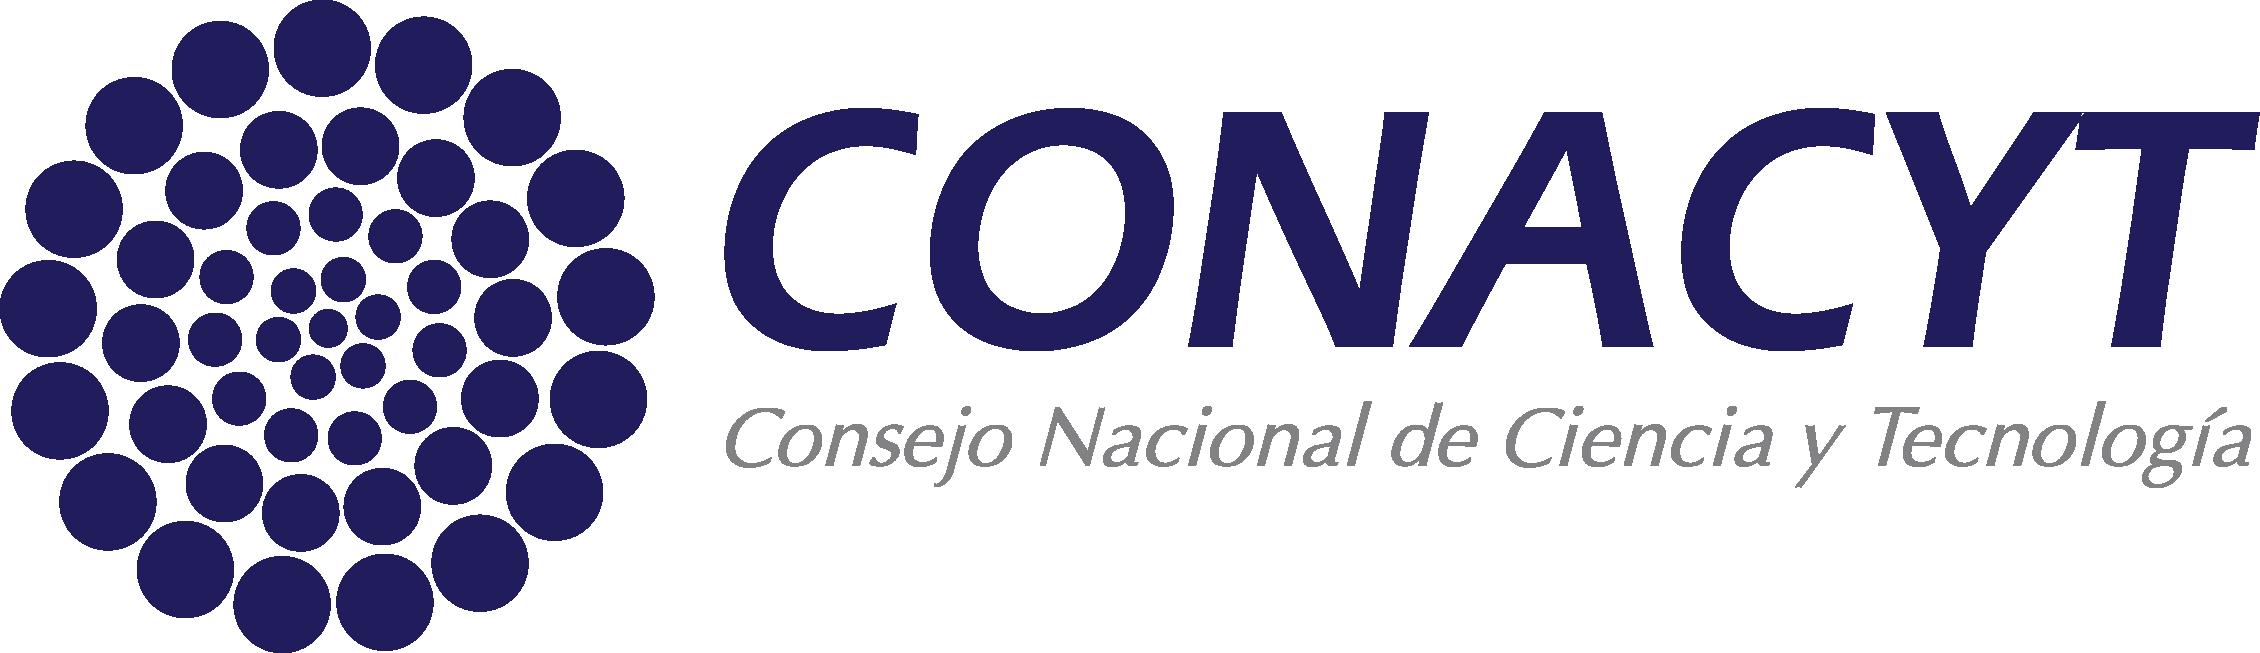 conacyt20151.png